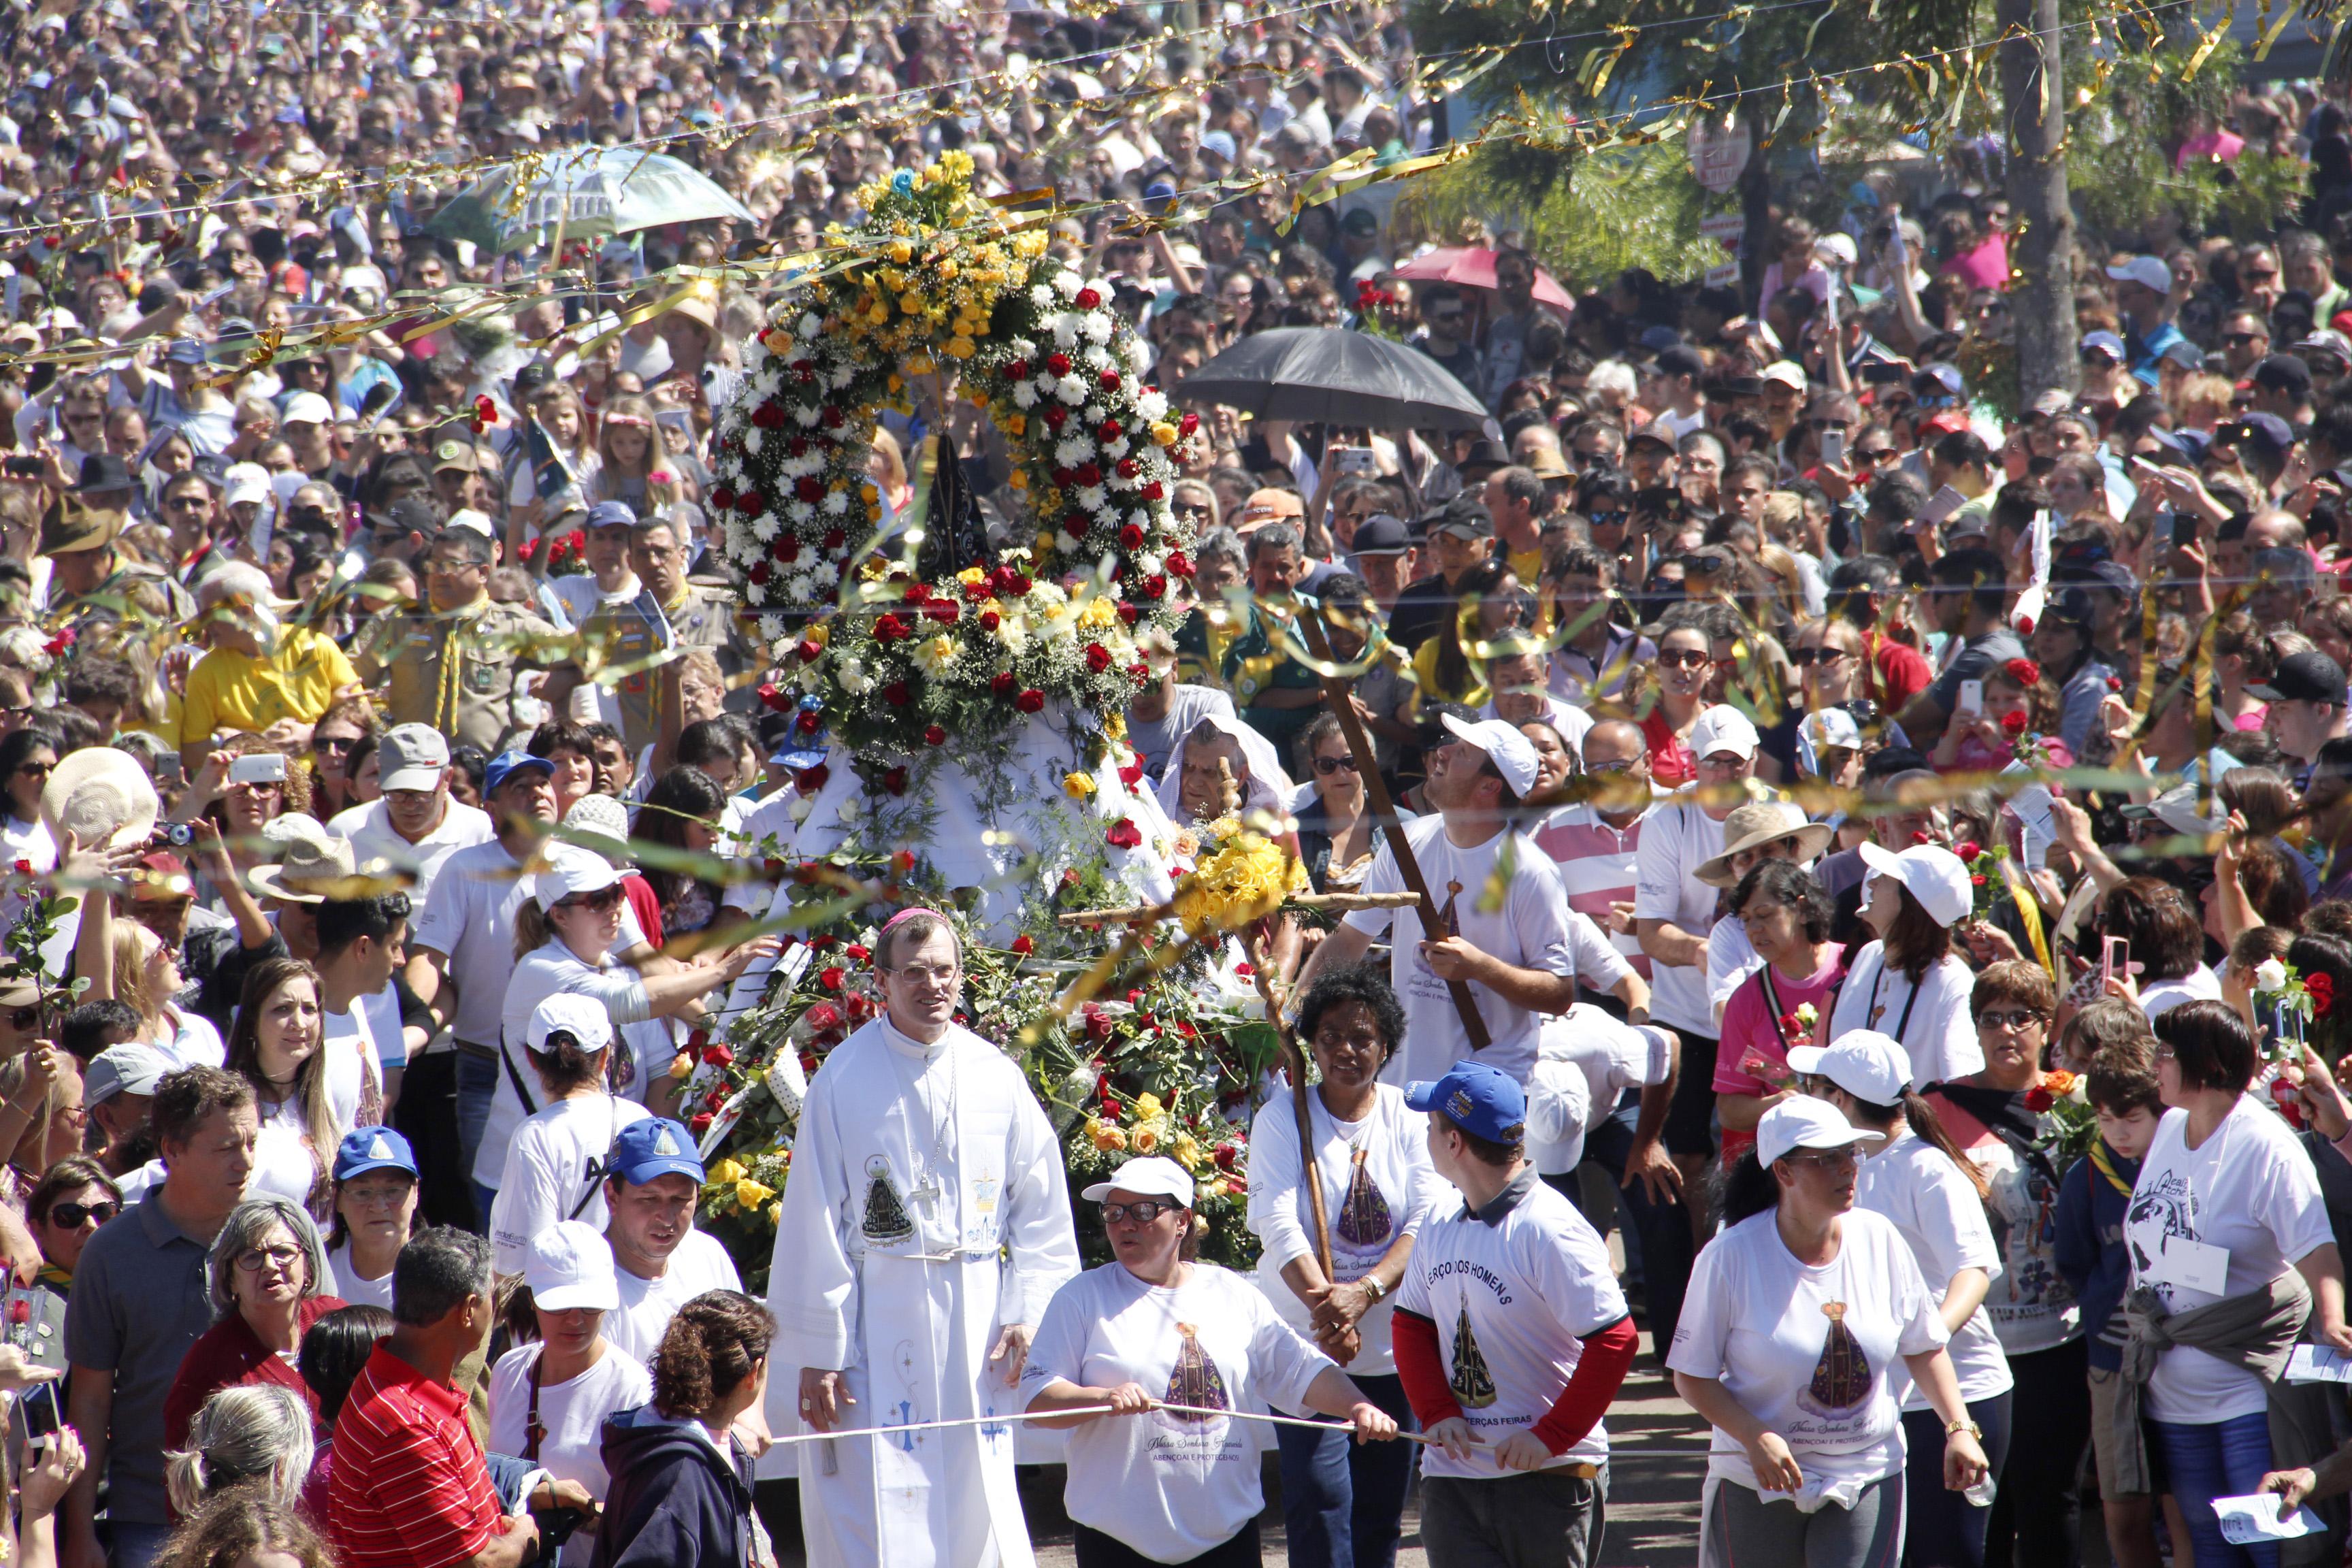 39ª Romaria de Nossa Senhora Aparecida: uma reflexão sobre a missão da Igreja